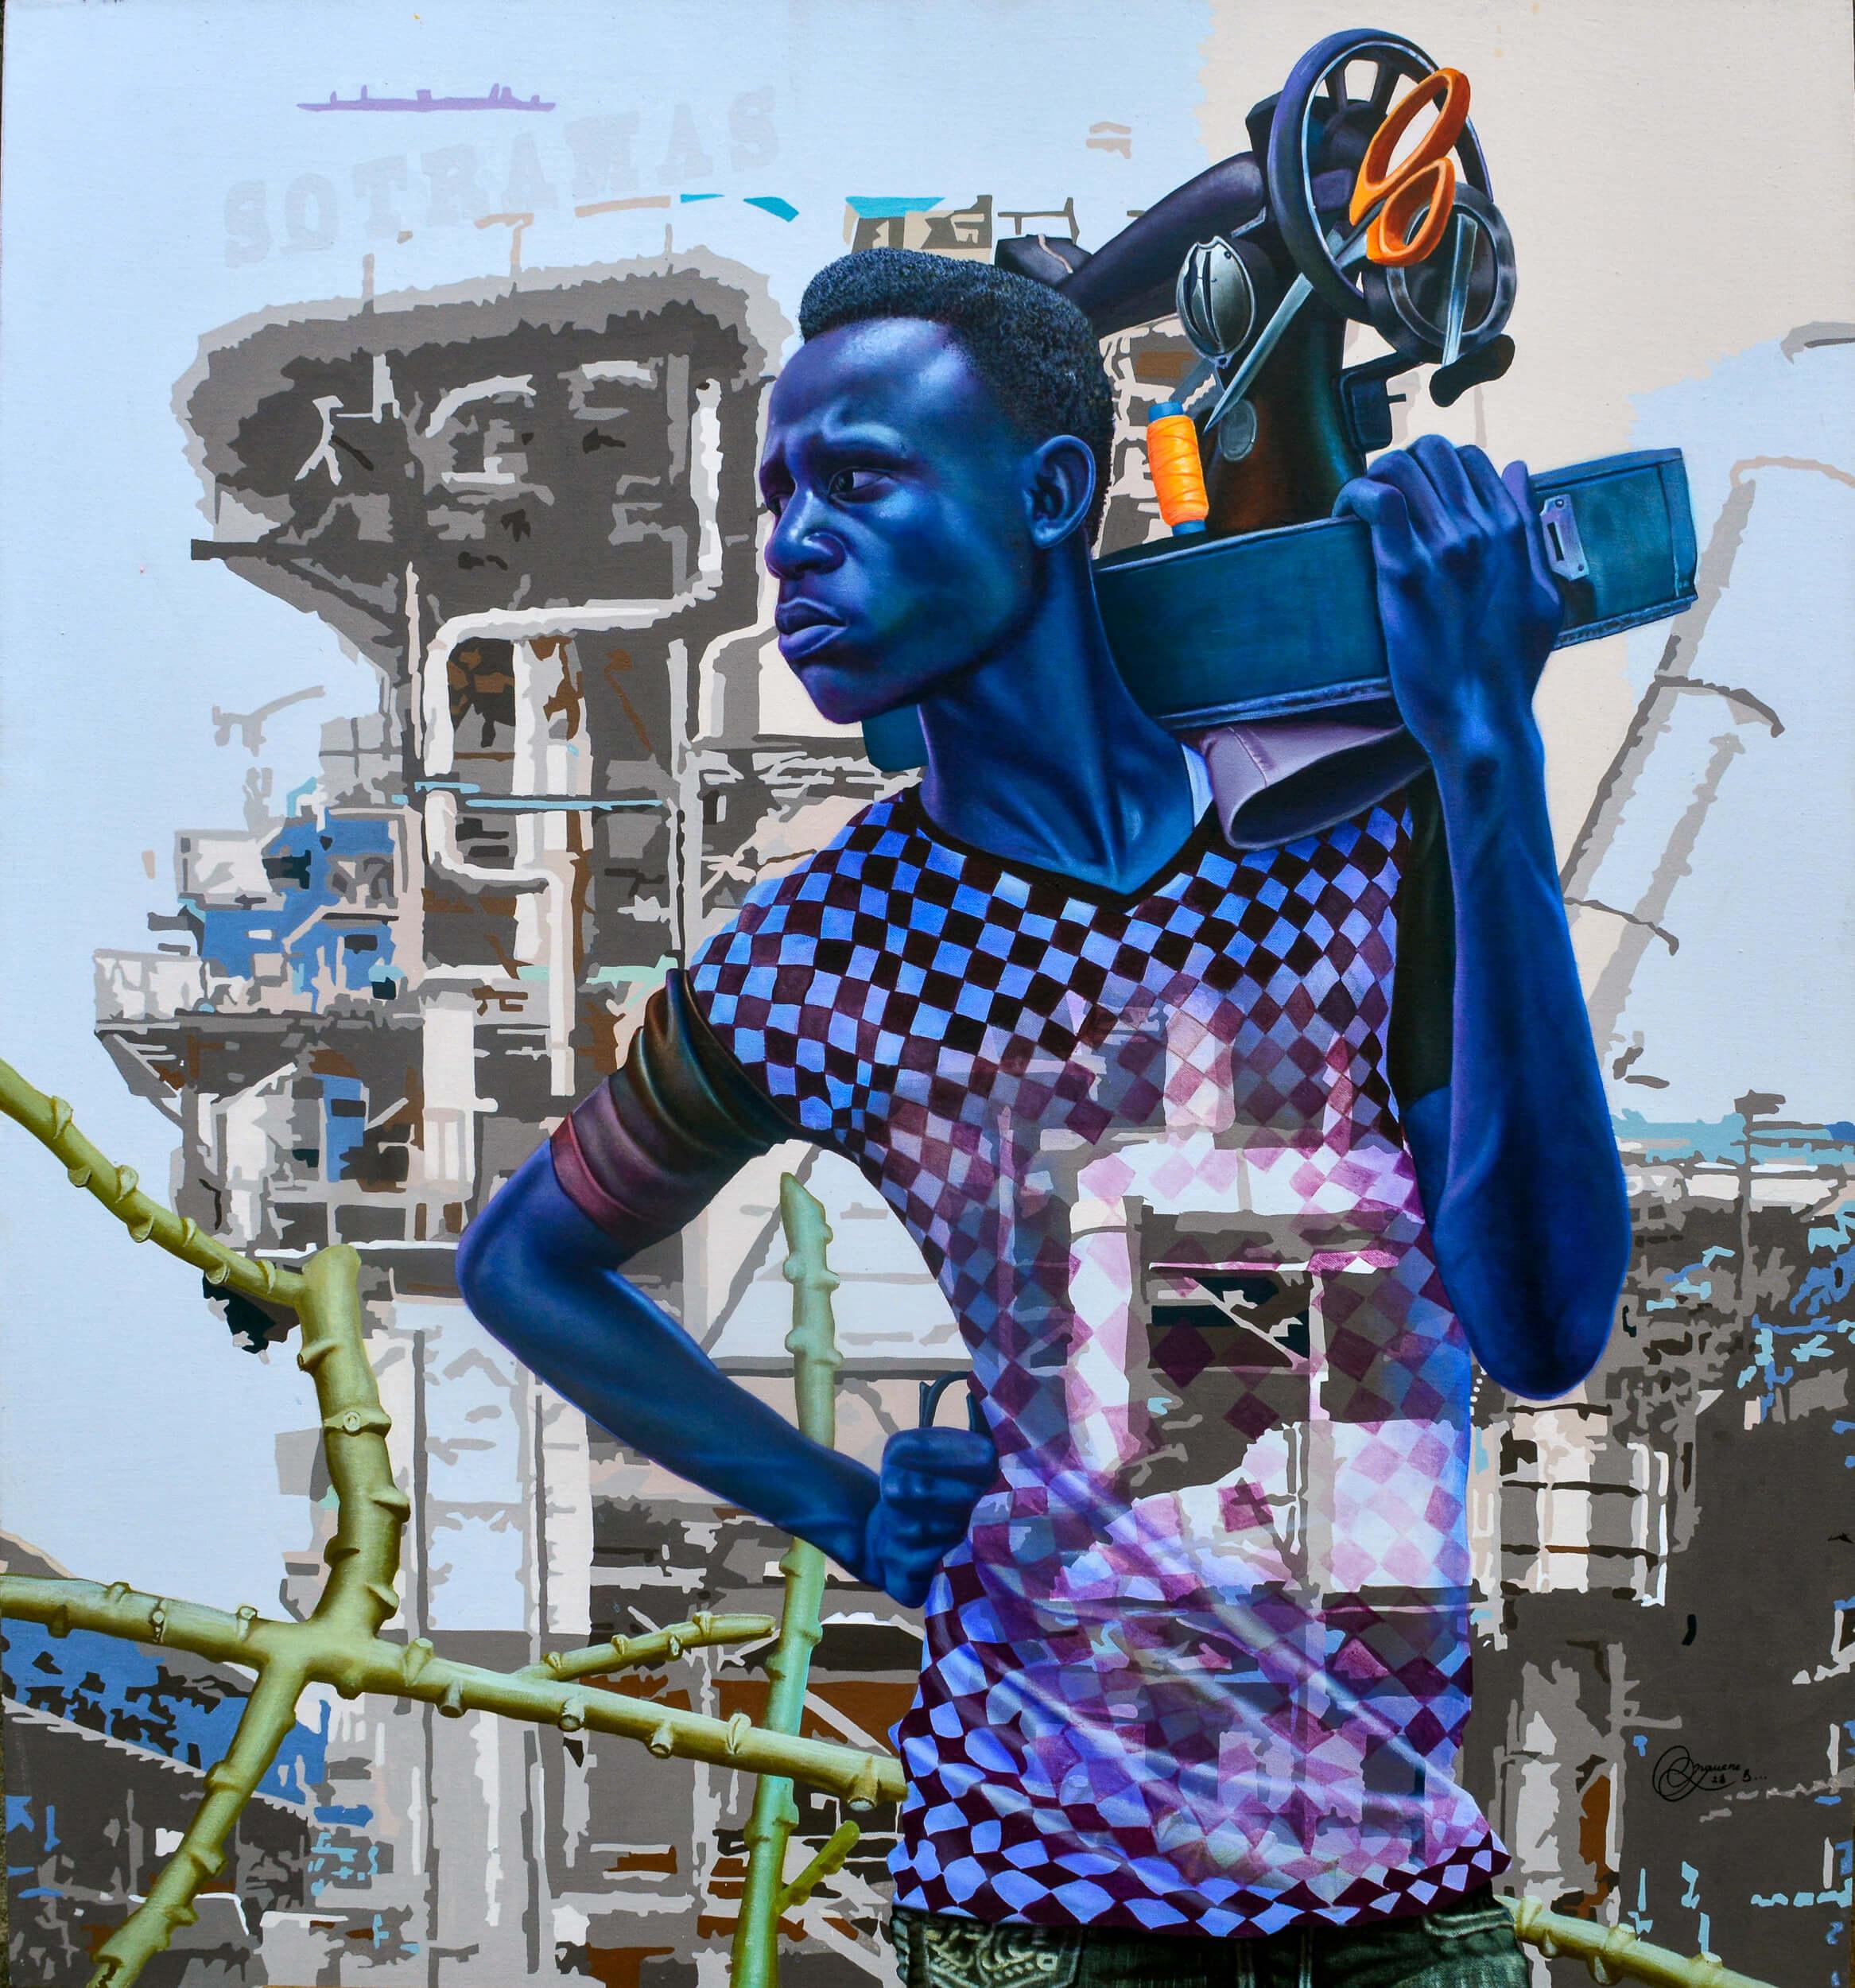 artsy-Daniel Onguene - Sotramas - 2021 - 120cm H x 110cm W - Acrylic on canvas -2105